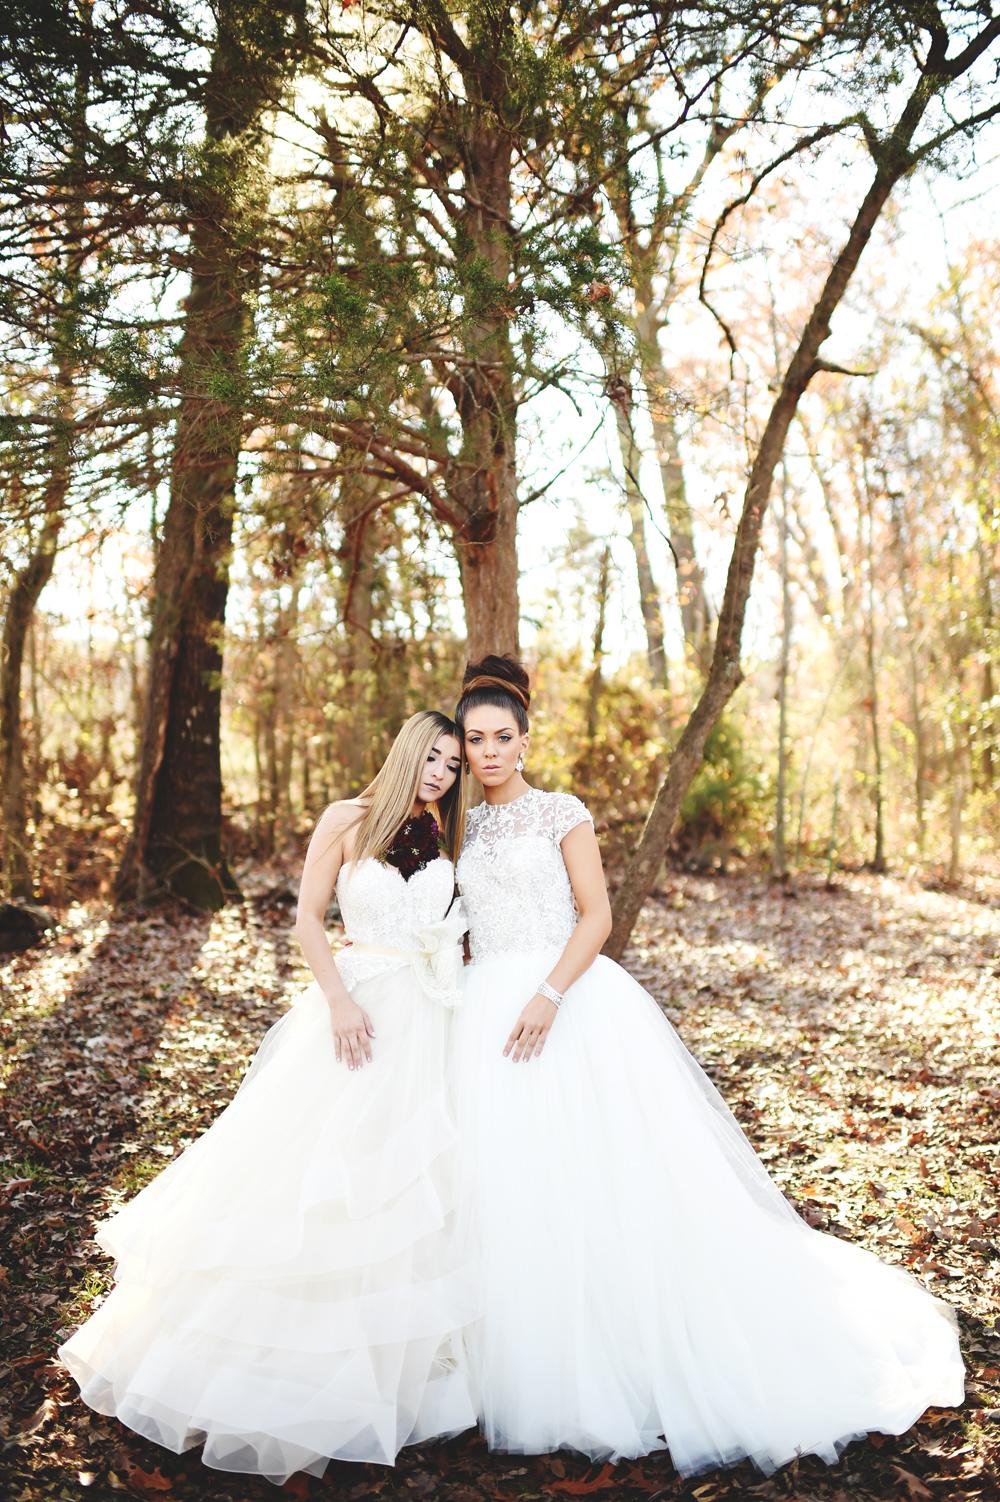 Wedding Dress Shops In Arkansas 45 Elegant The models are superb